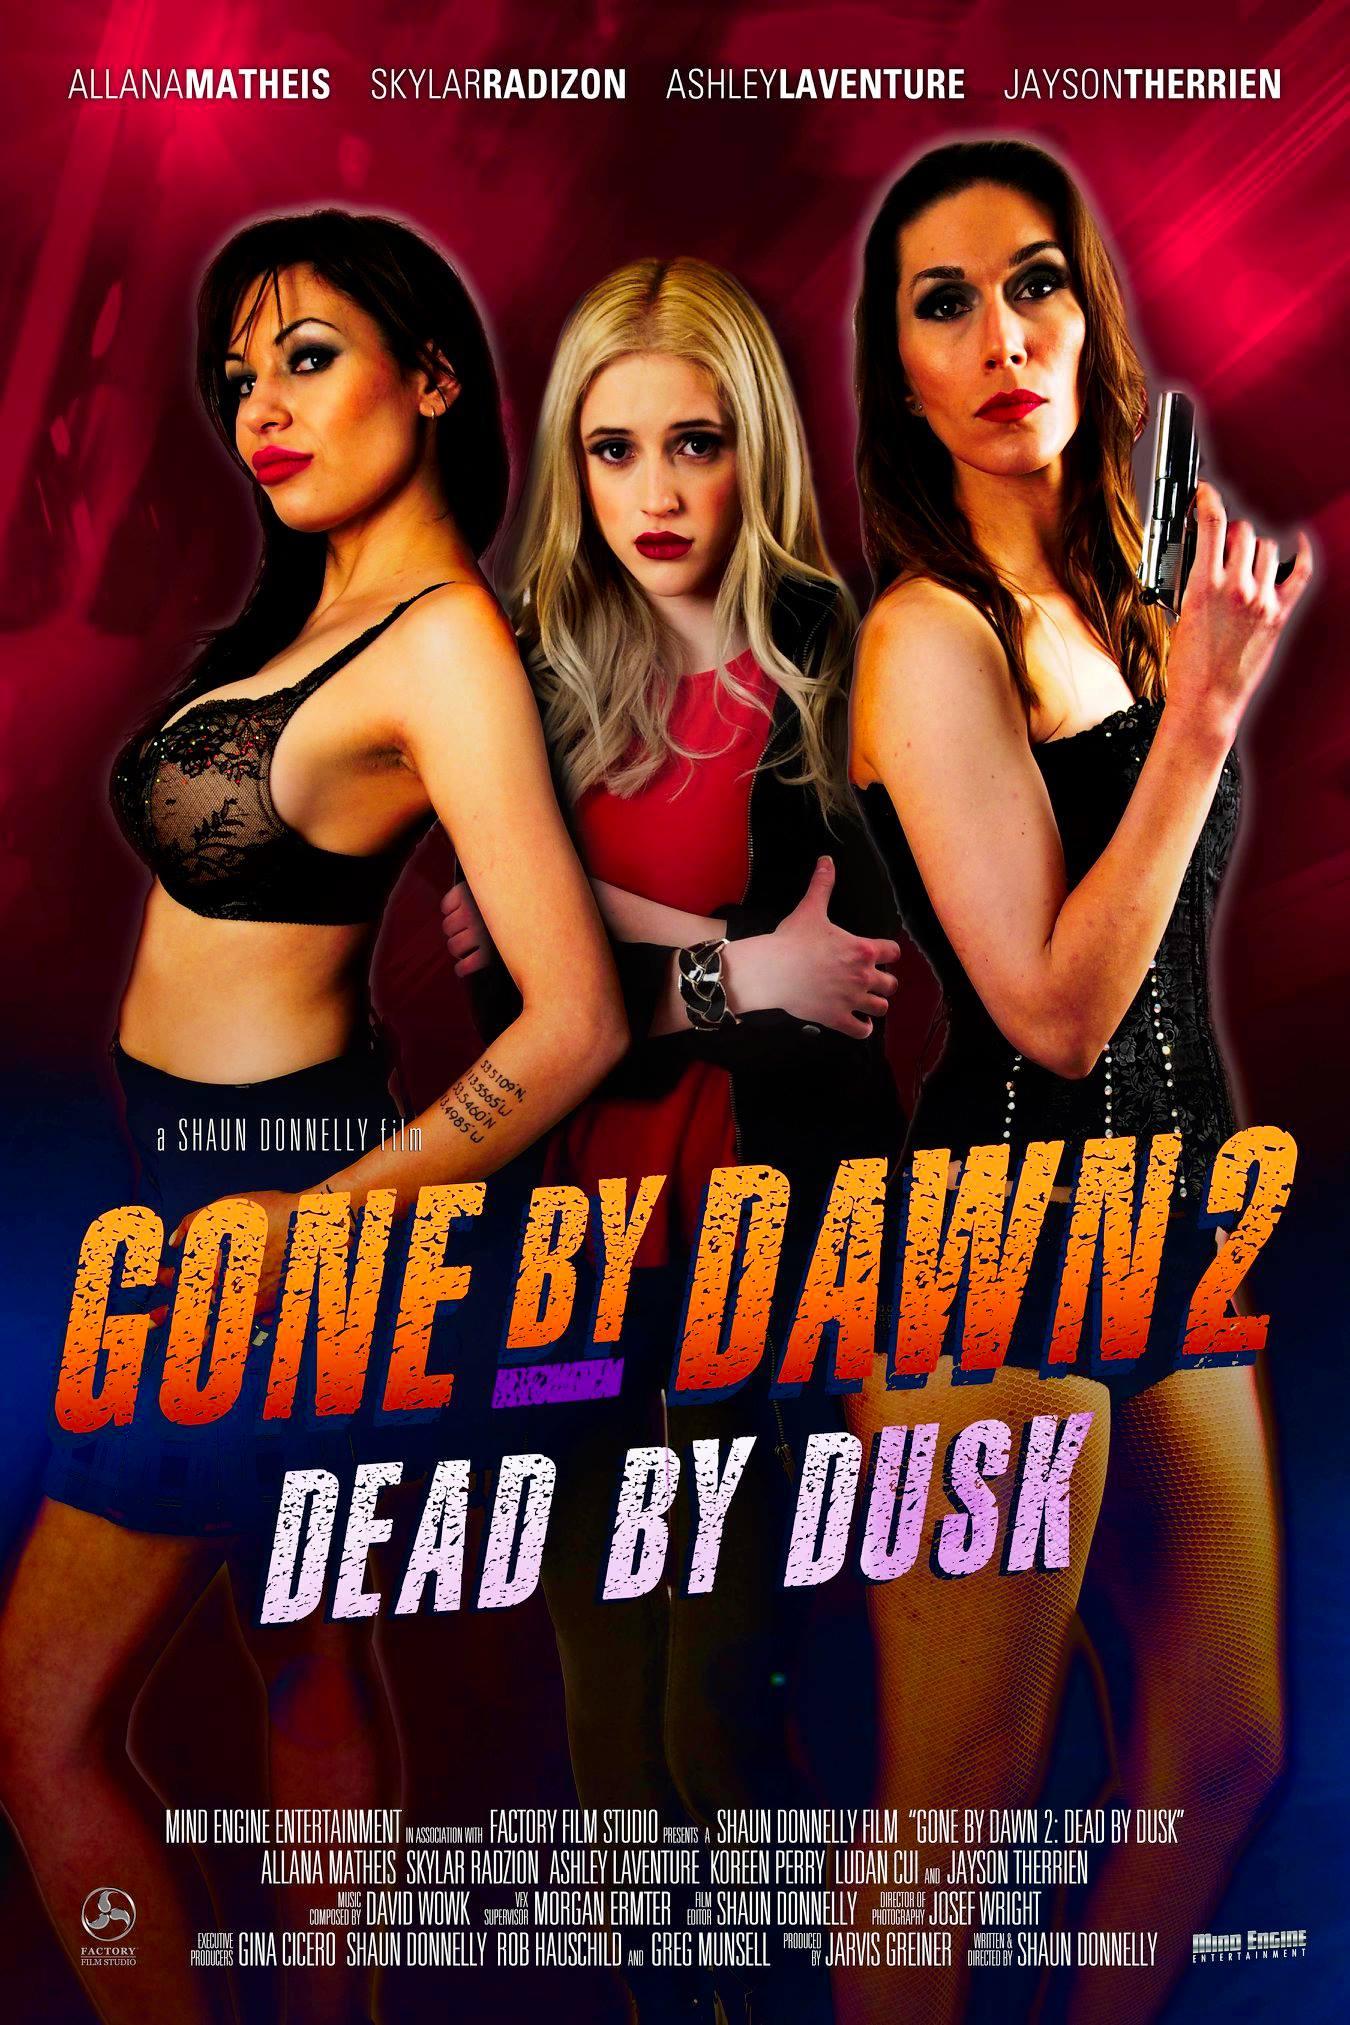 Gone By Dawn 2 Dead By Dusk 2019 720p WEBRip 800MB x264-GalaxyRG